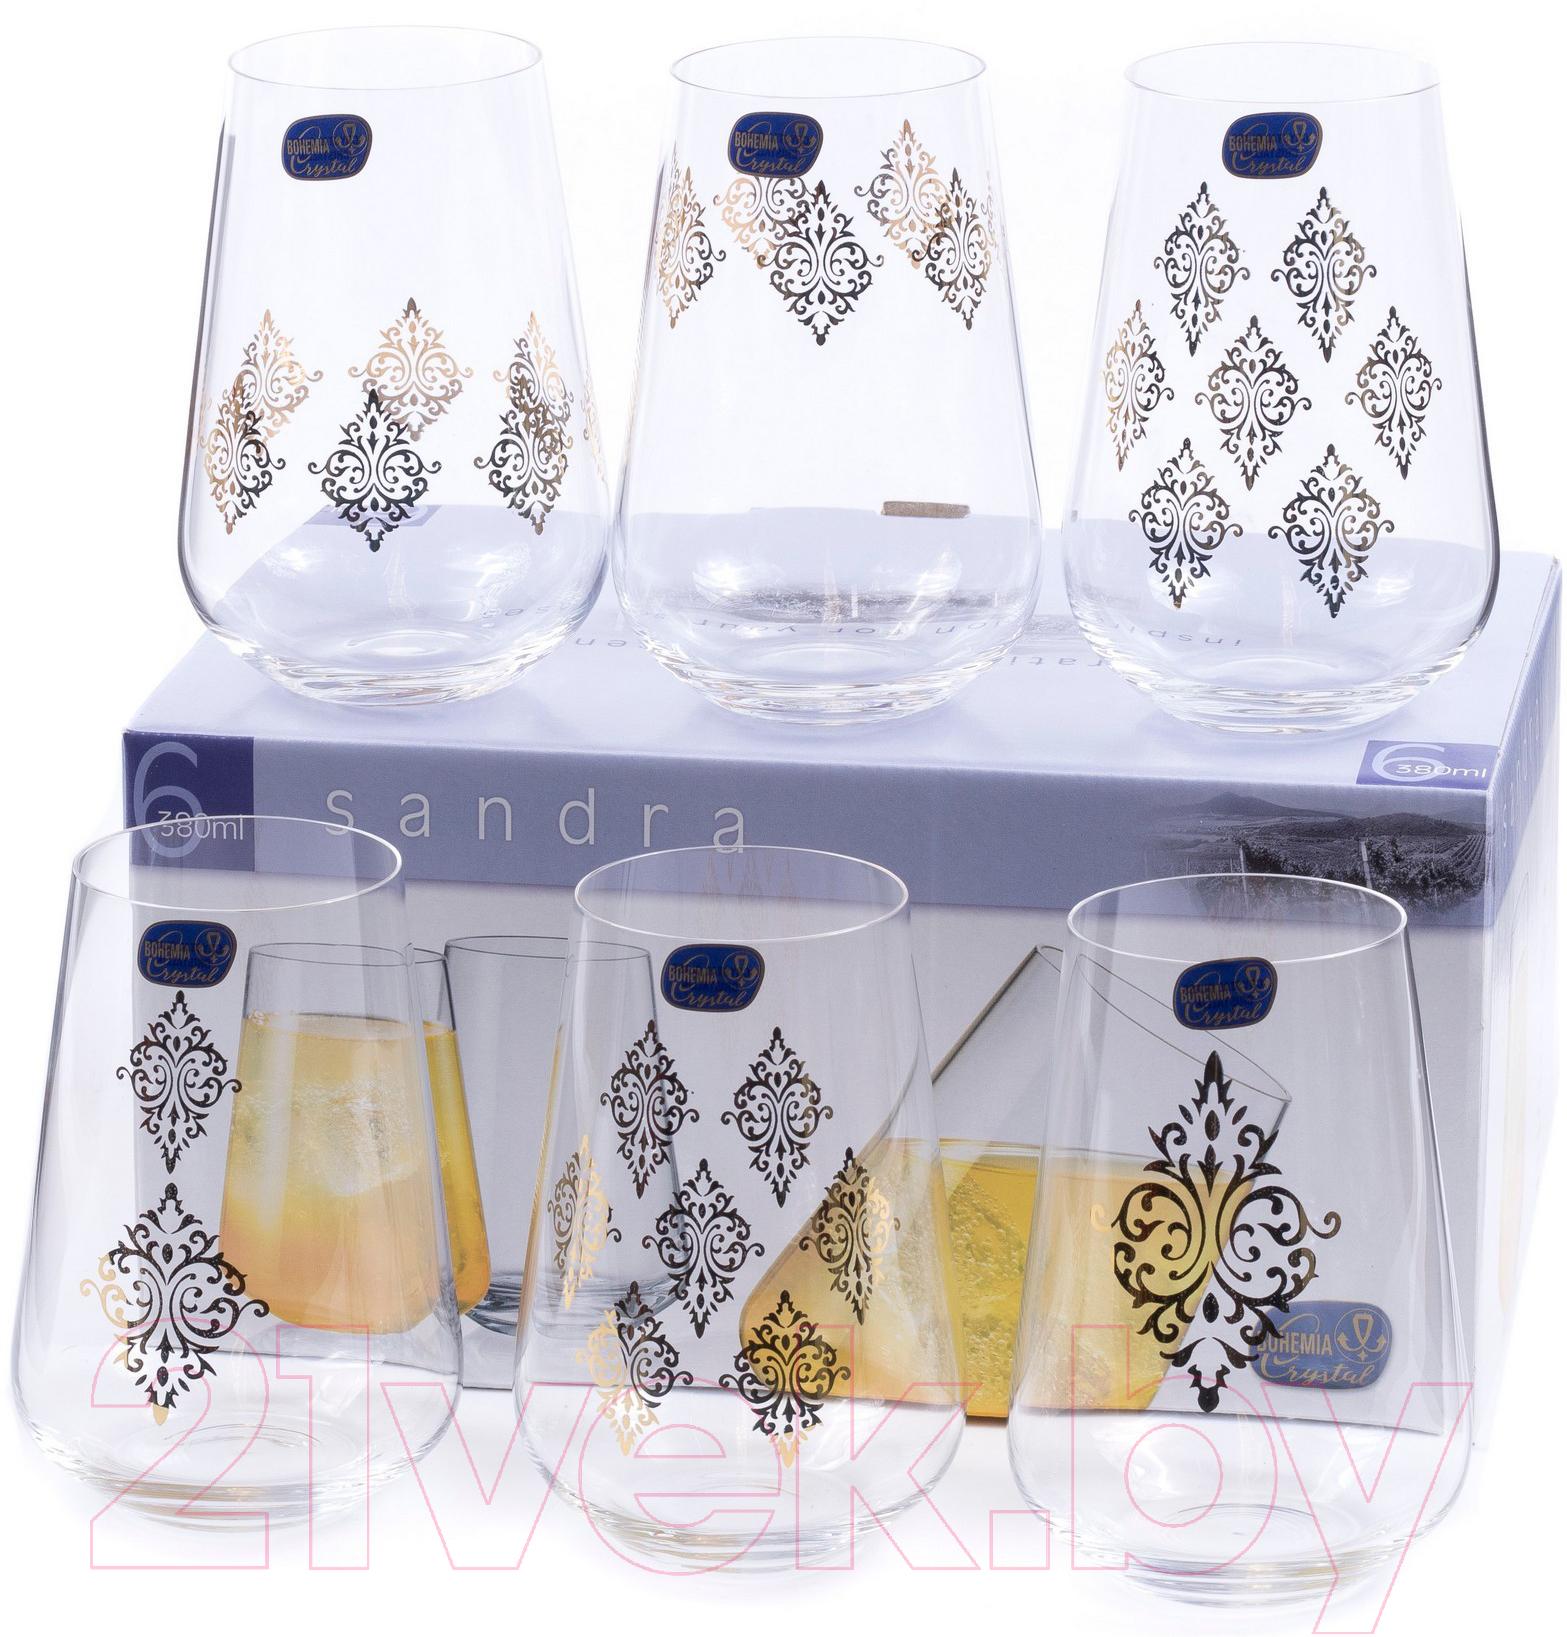 Купить Набор стаканов Bohemia, Crystal Sandra 23013/S1387/380 (6шт), Чехия, стекло